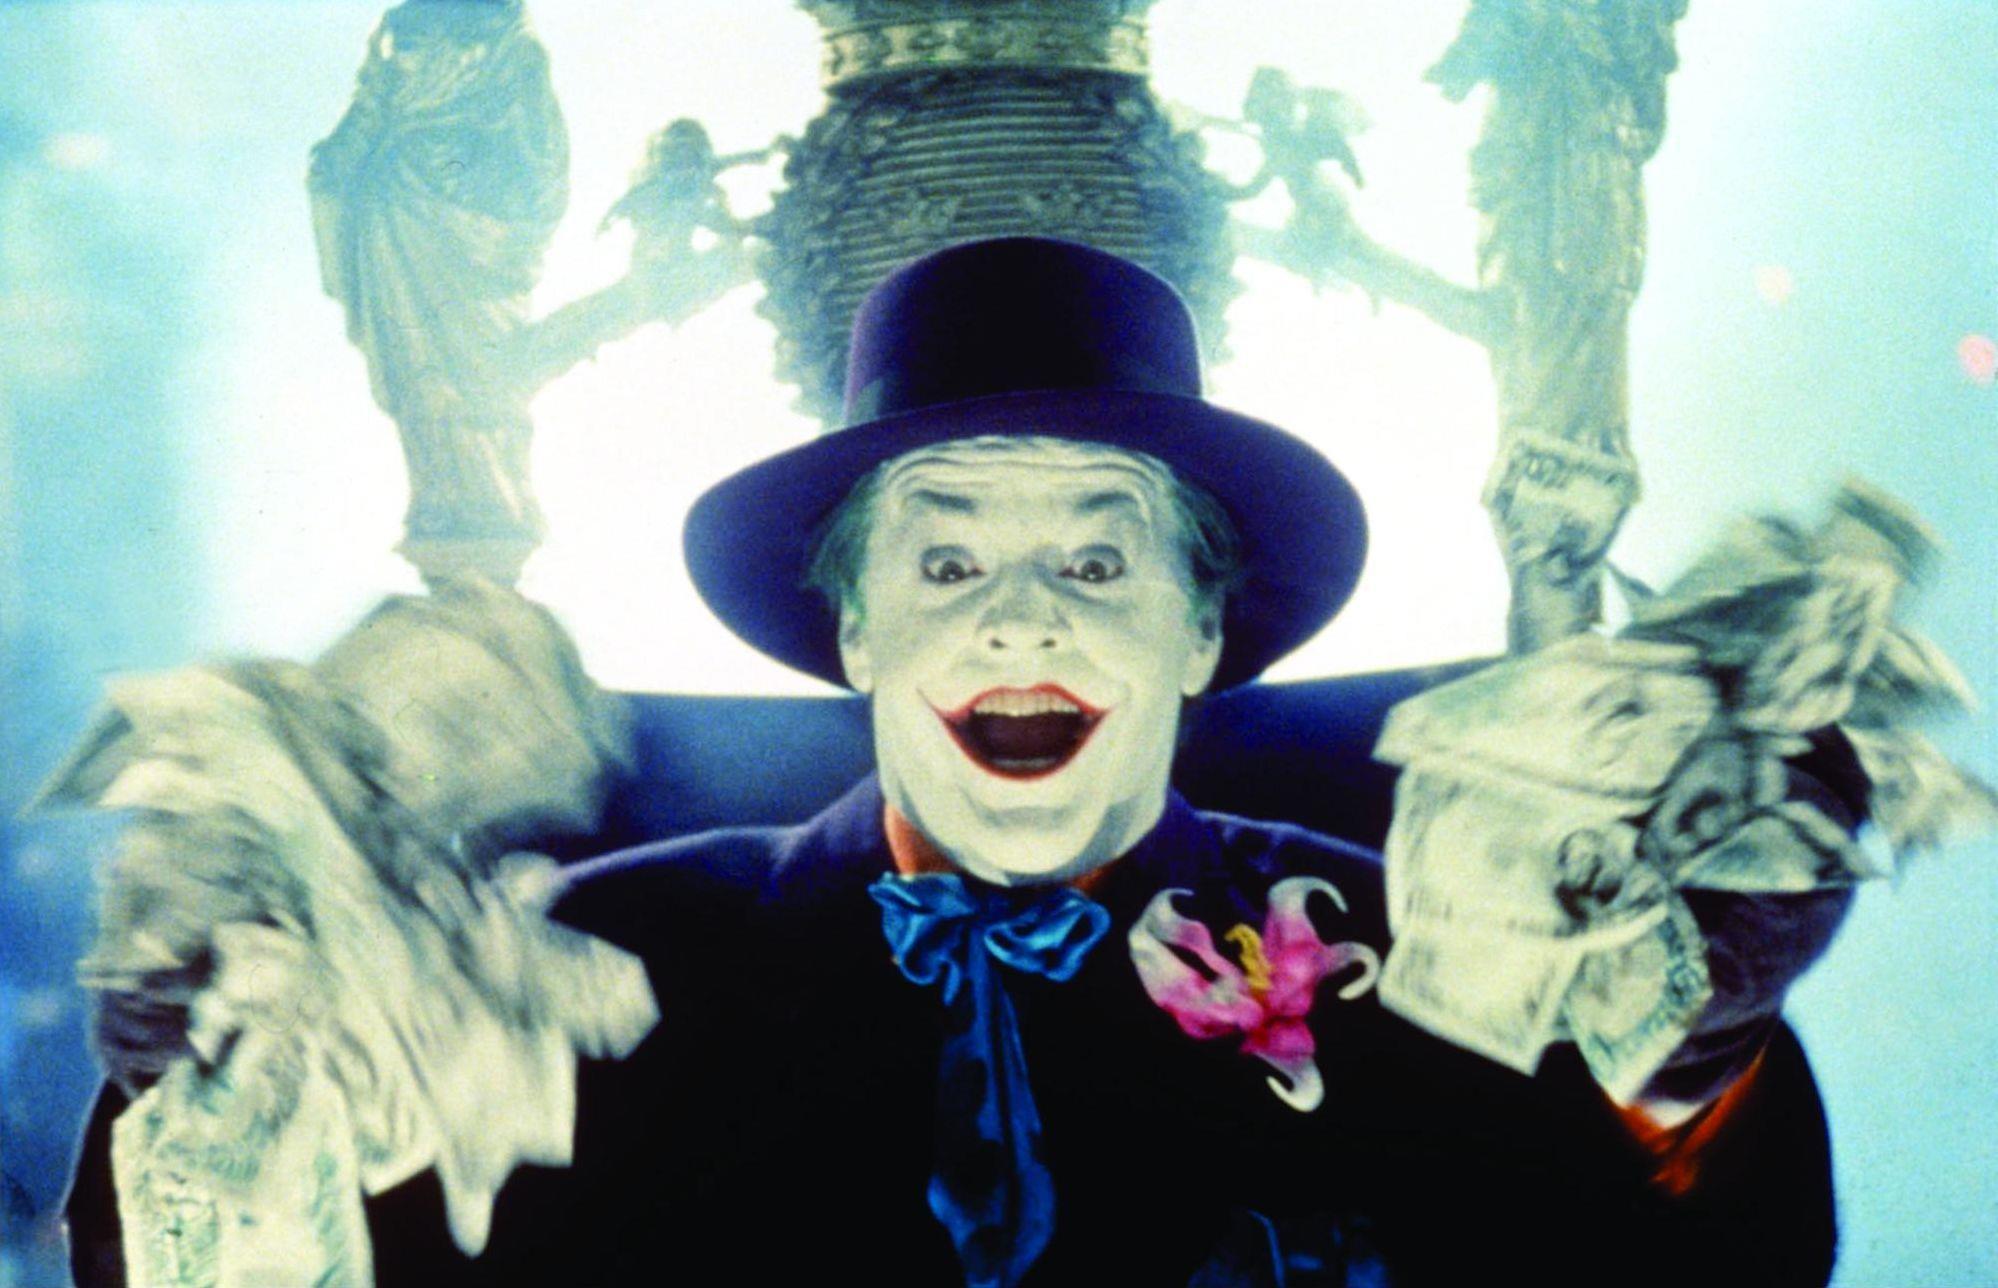 Joker Jack Nicholson in Batman